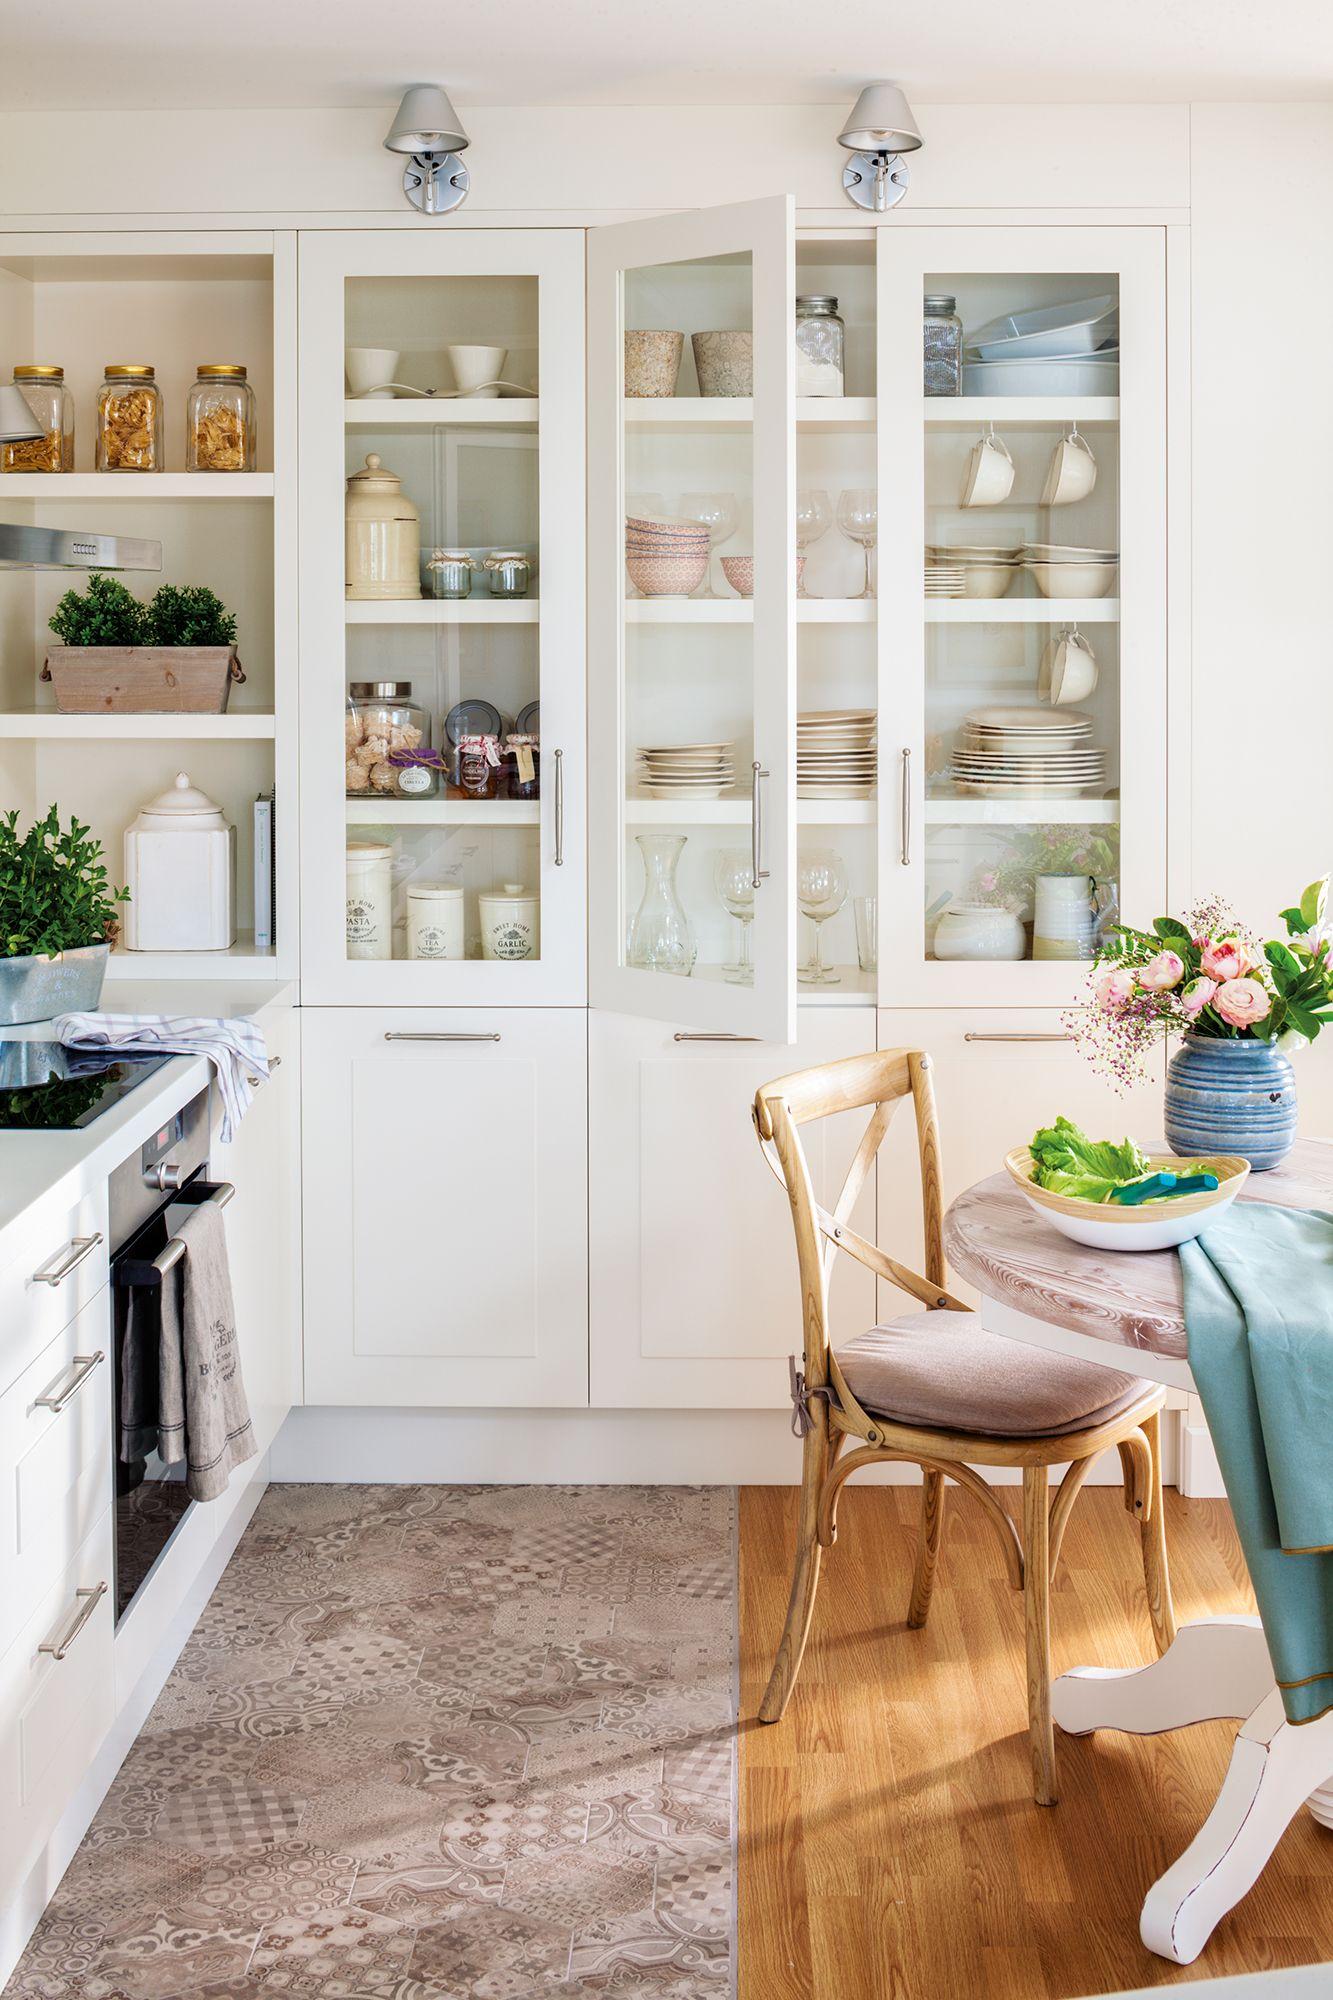 Cocina blanca con vitrina y office 00455156 pinterest cocina blanca vitrinas y blanco - Vitrinas para vajillas ...